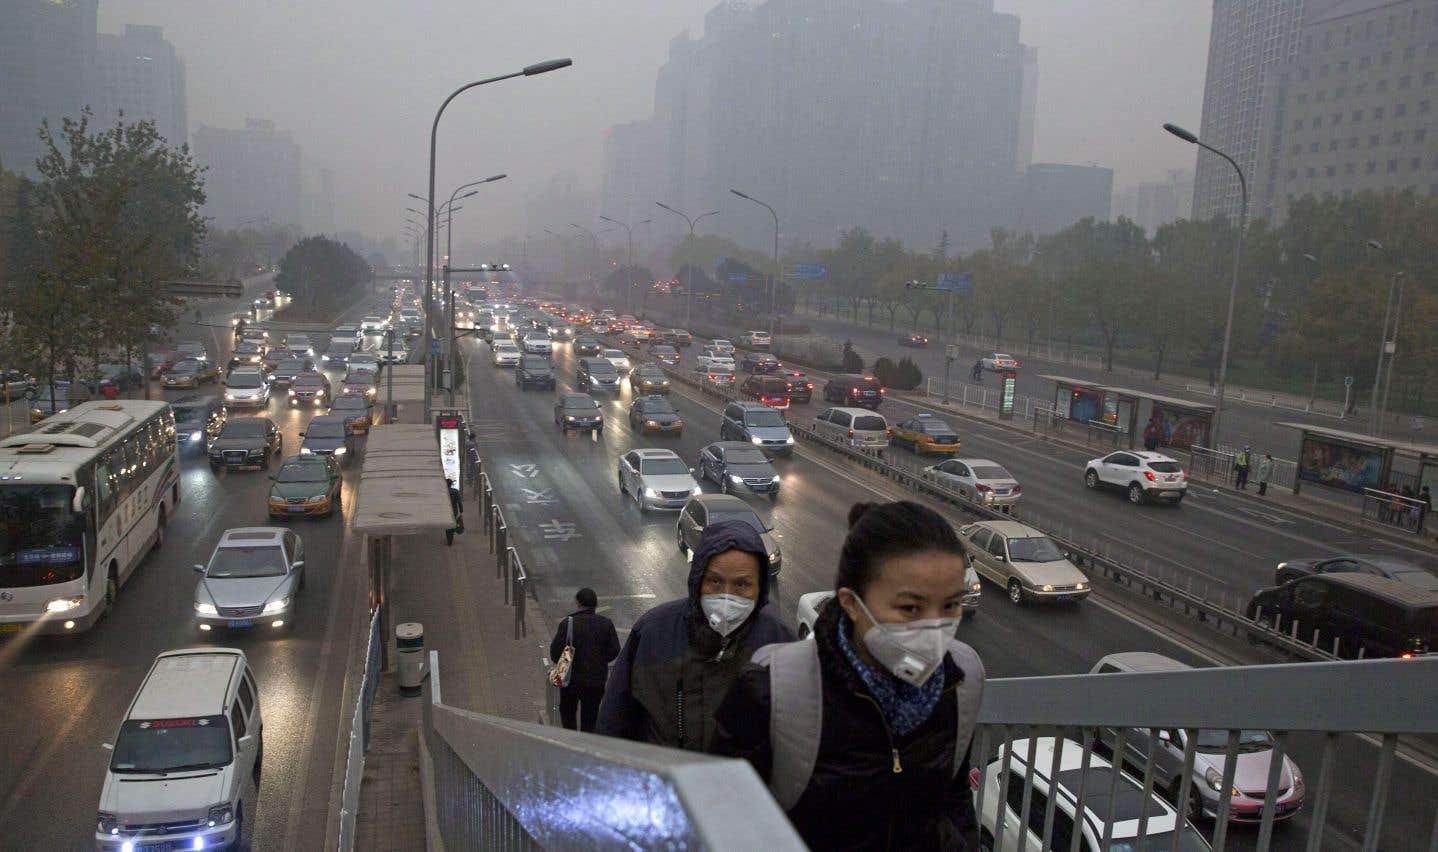 Selon l'agence de l'ONU, la teneur en CO2 dans l'atmosphère terrestre est revenue au niveau d'il y a 3 à 5millions d'années.